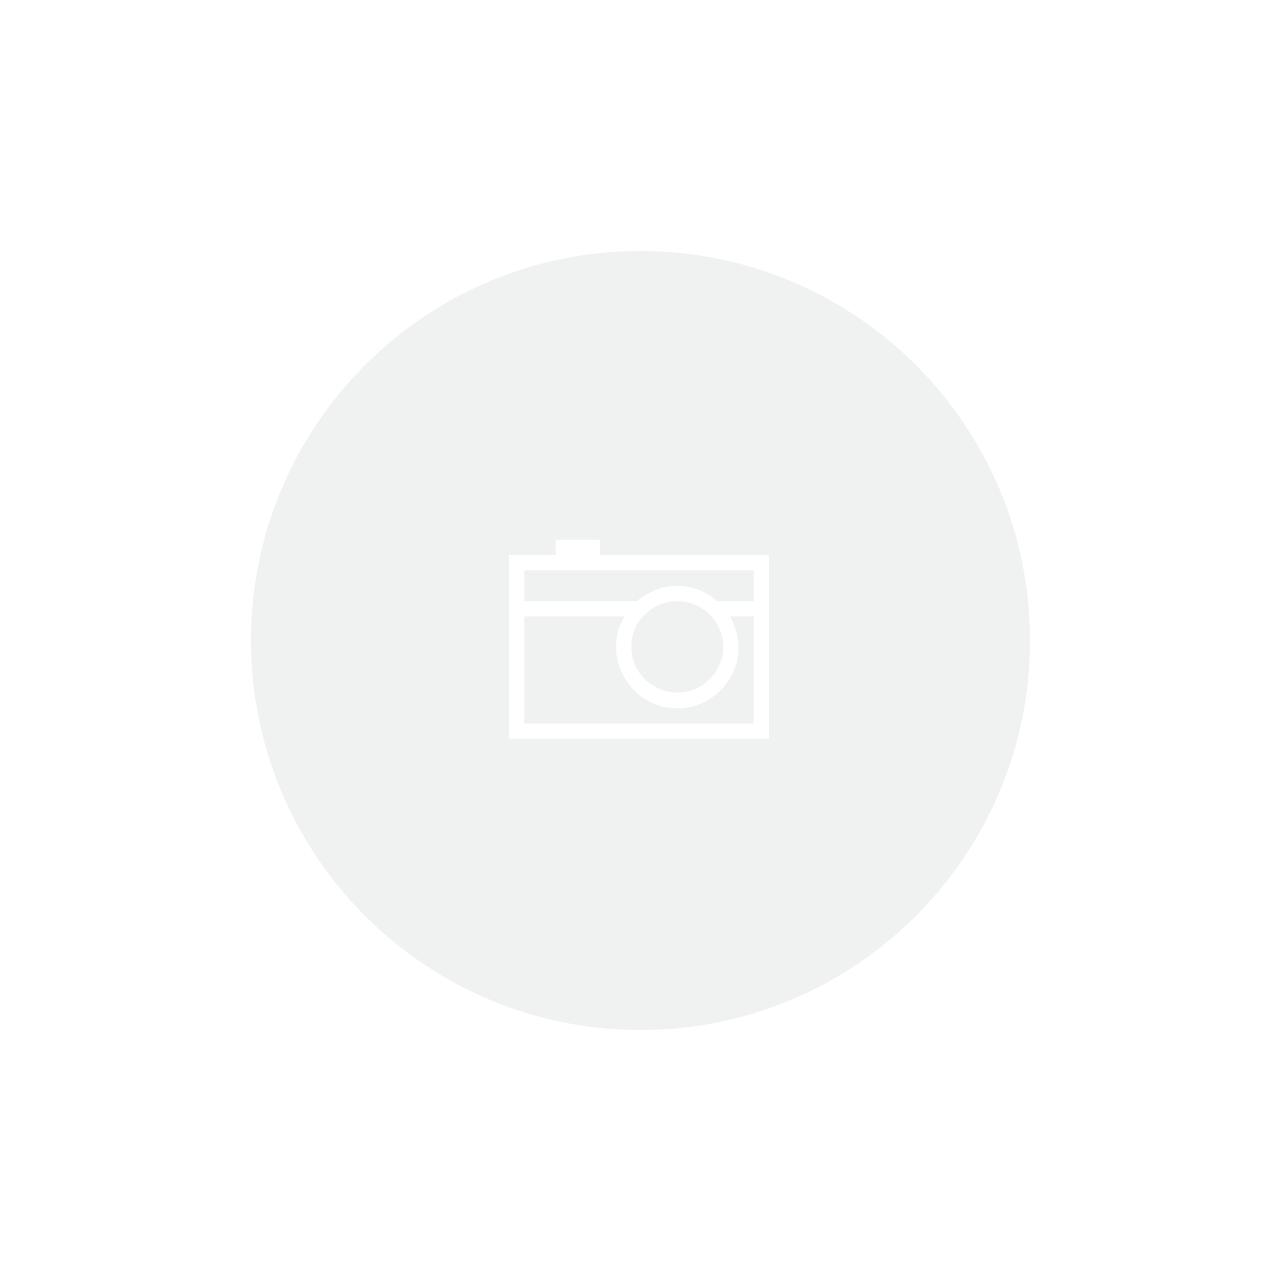 Conjunto de Taças 0,6 Litros 4 Peças Mixcolor Tramontina